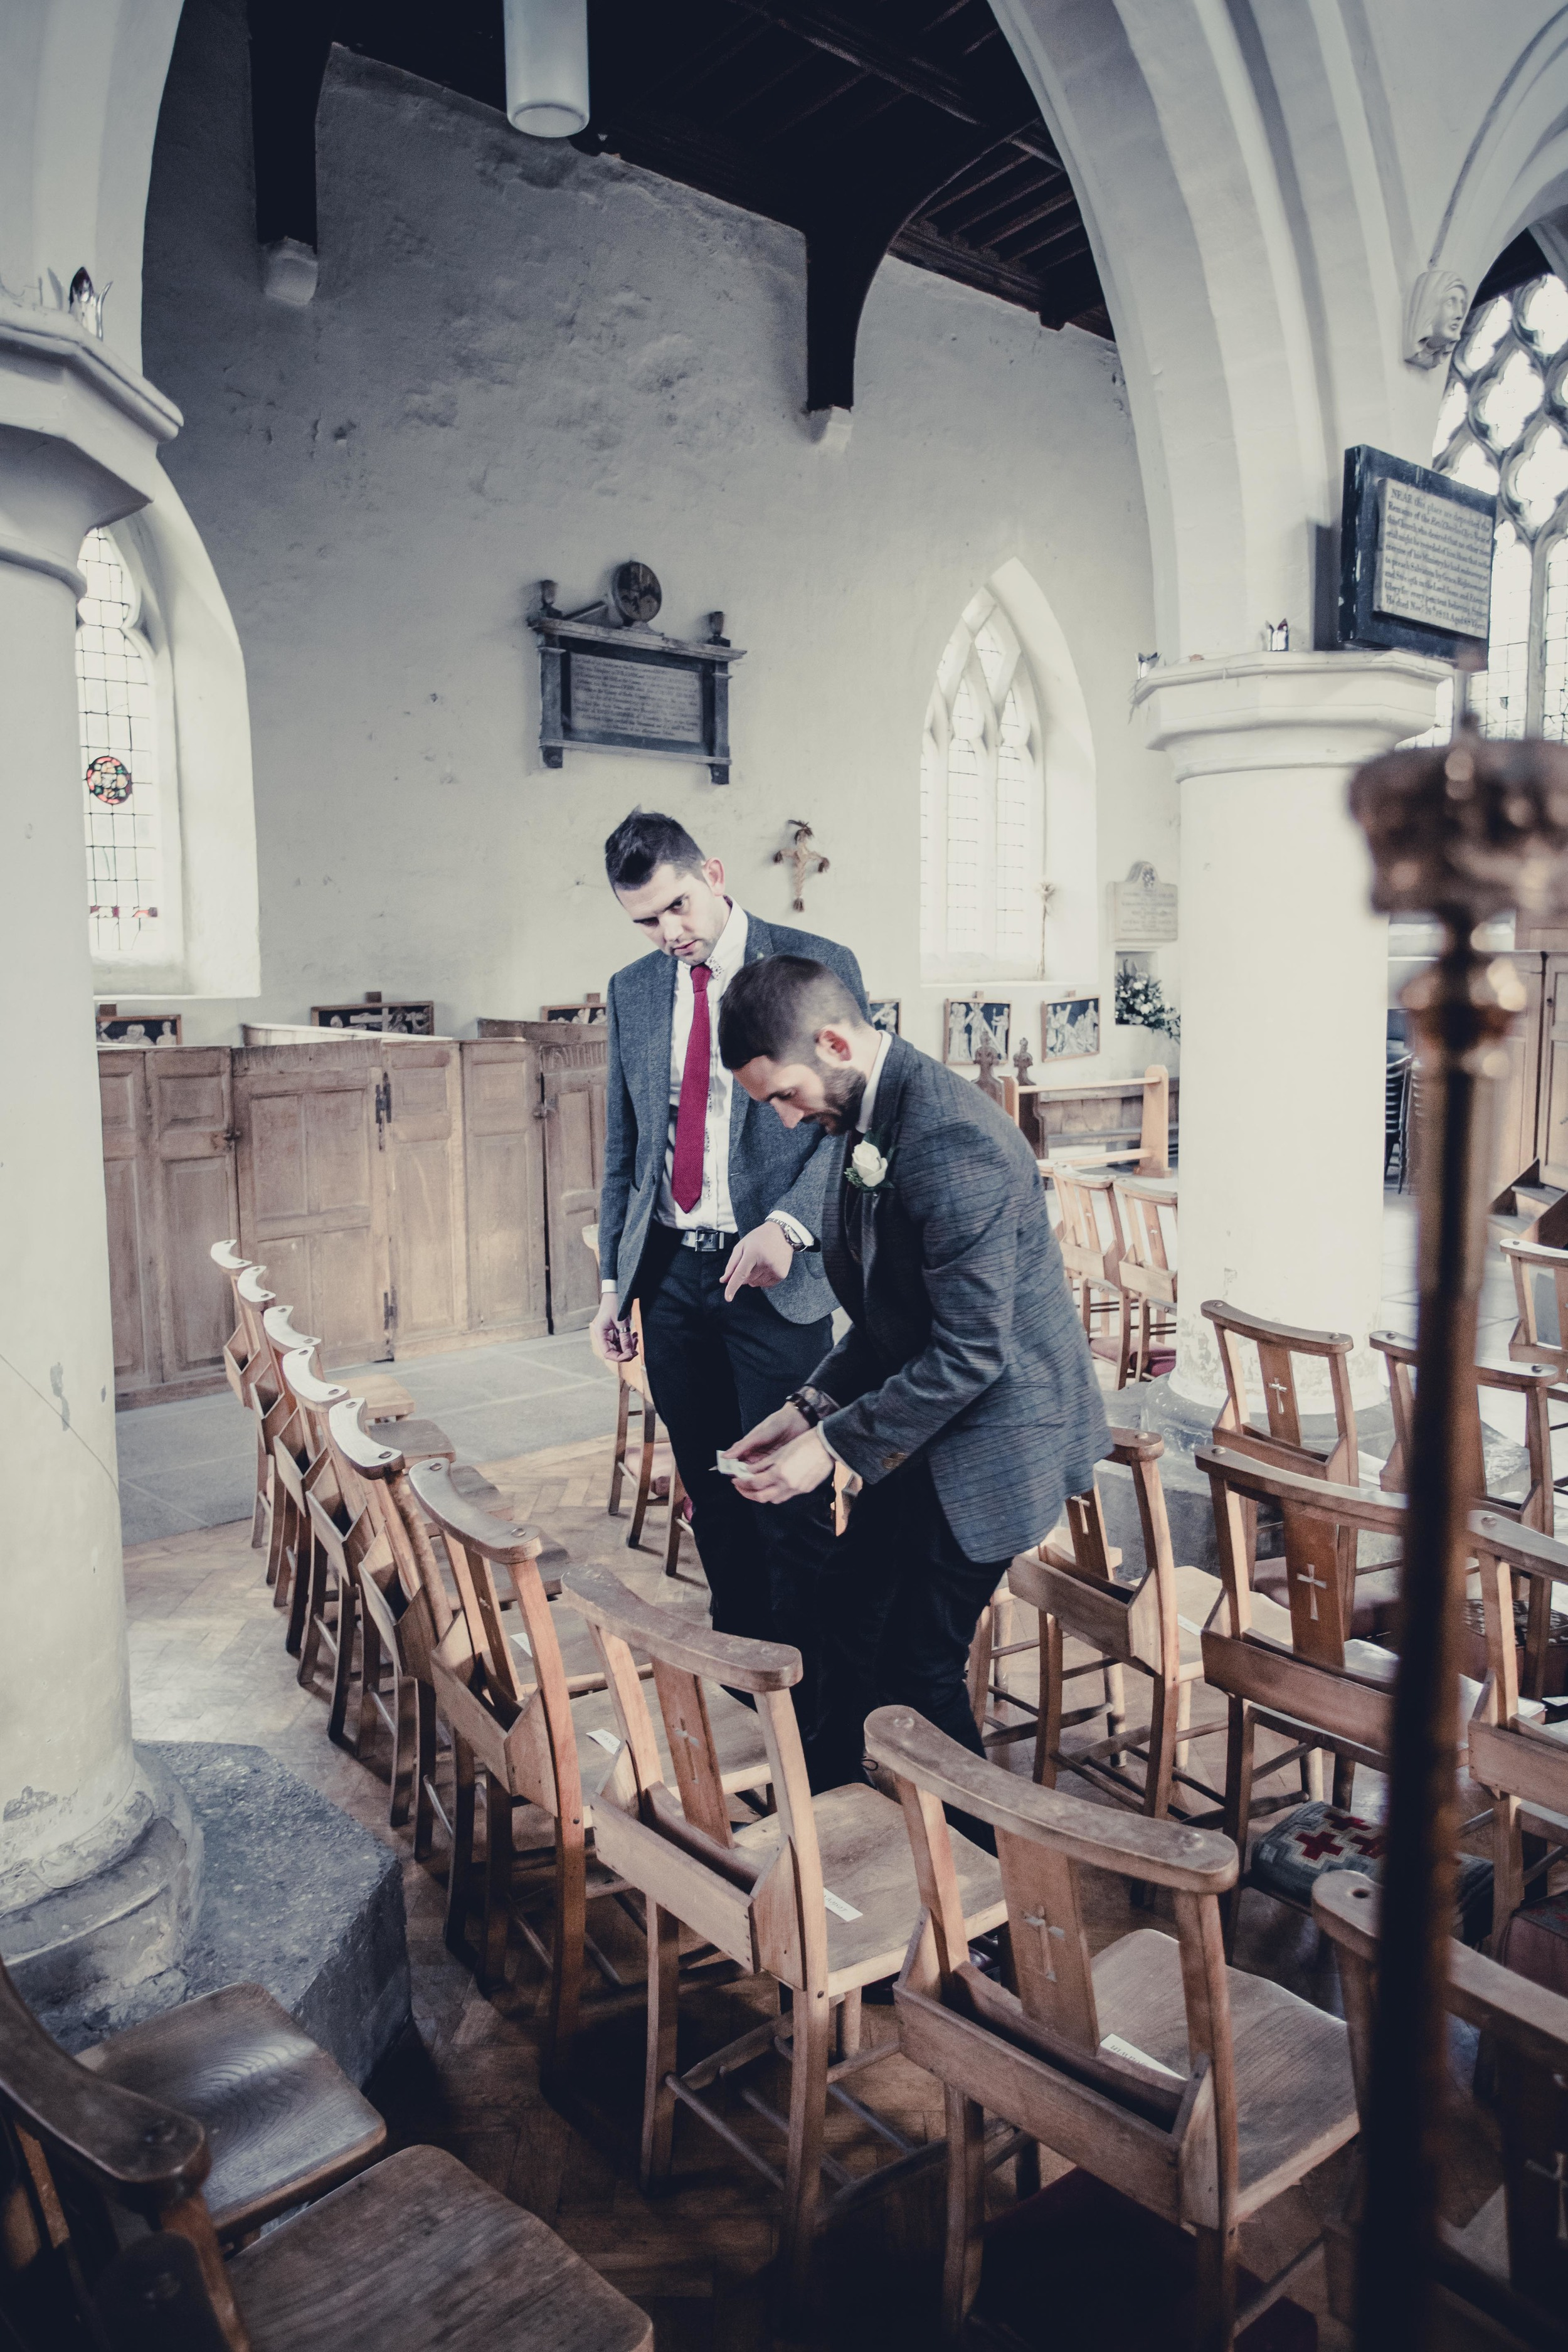 013 - Angela and Karls Wedding by www.markpugh.com -6602.jpg